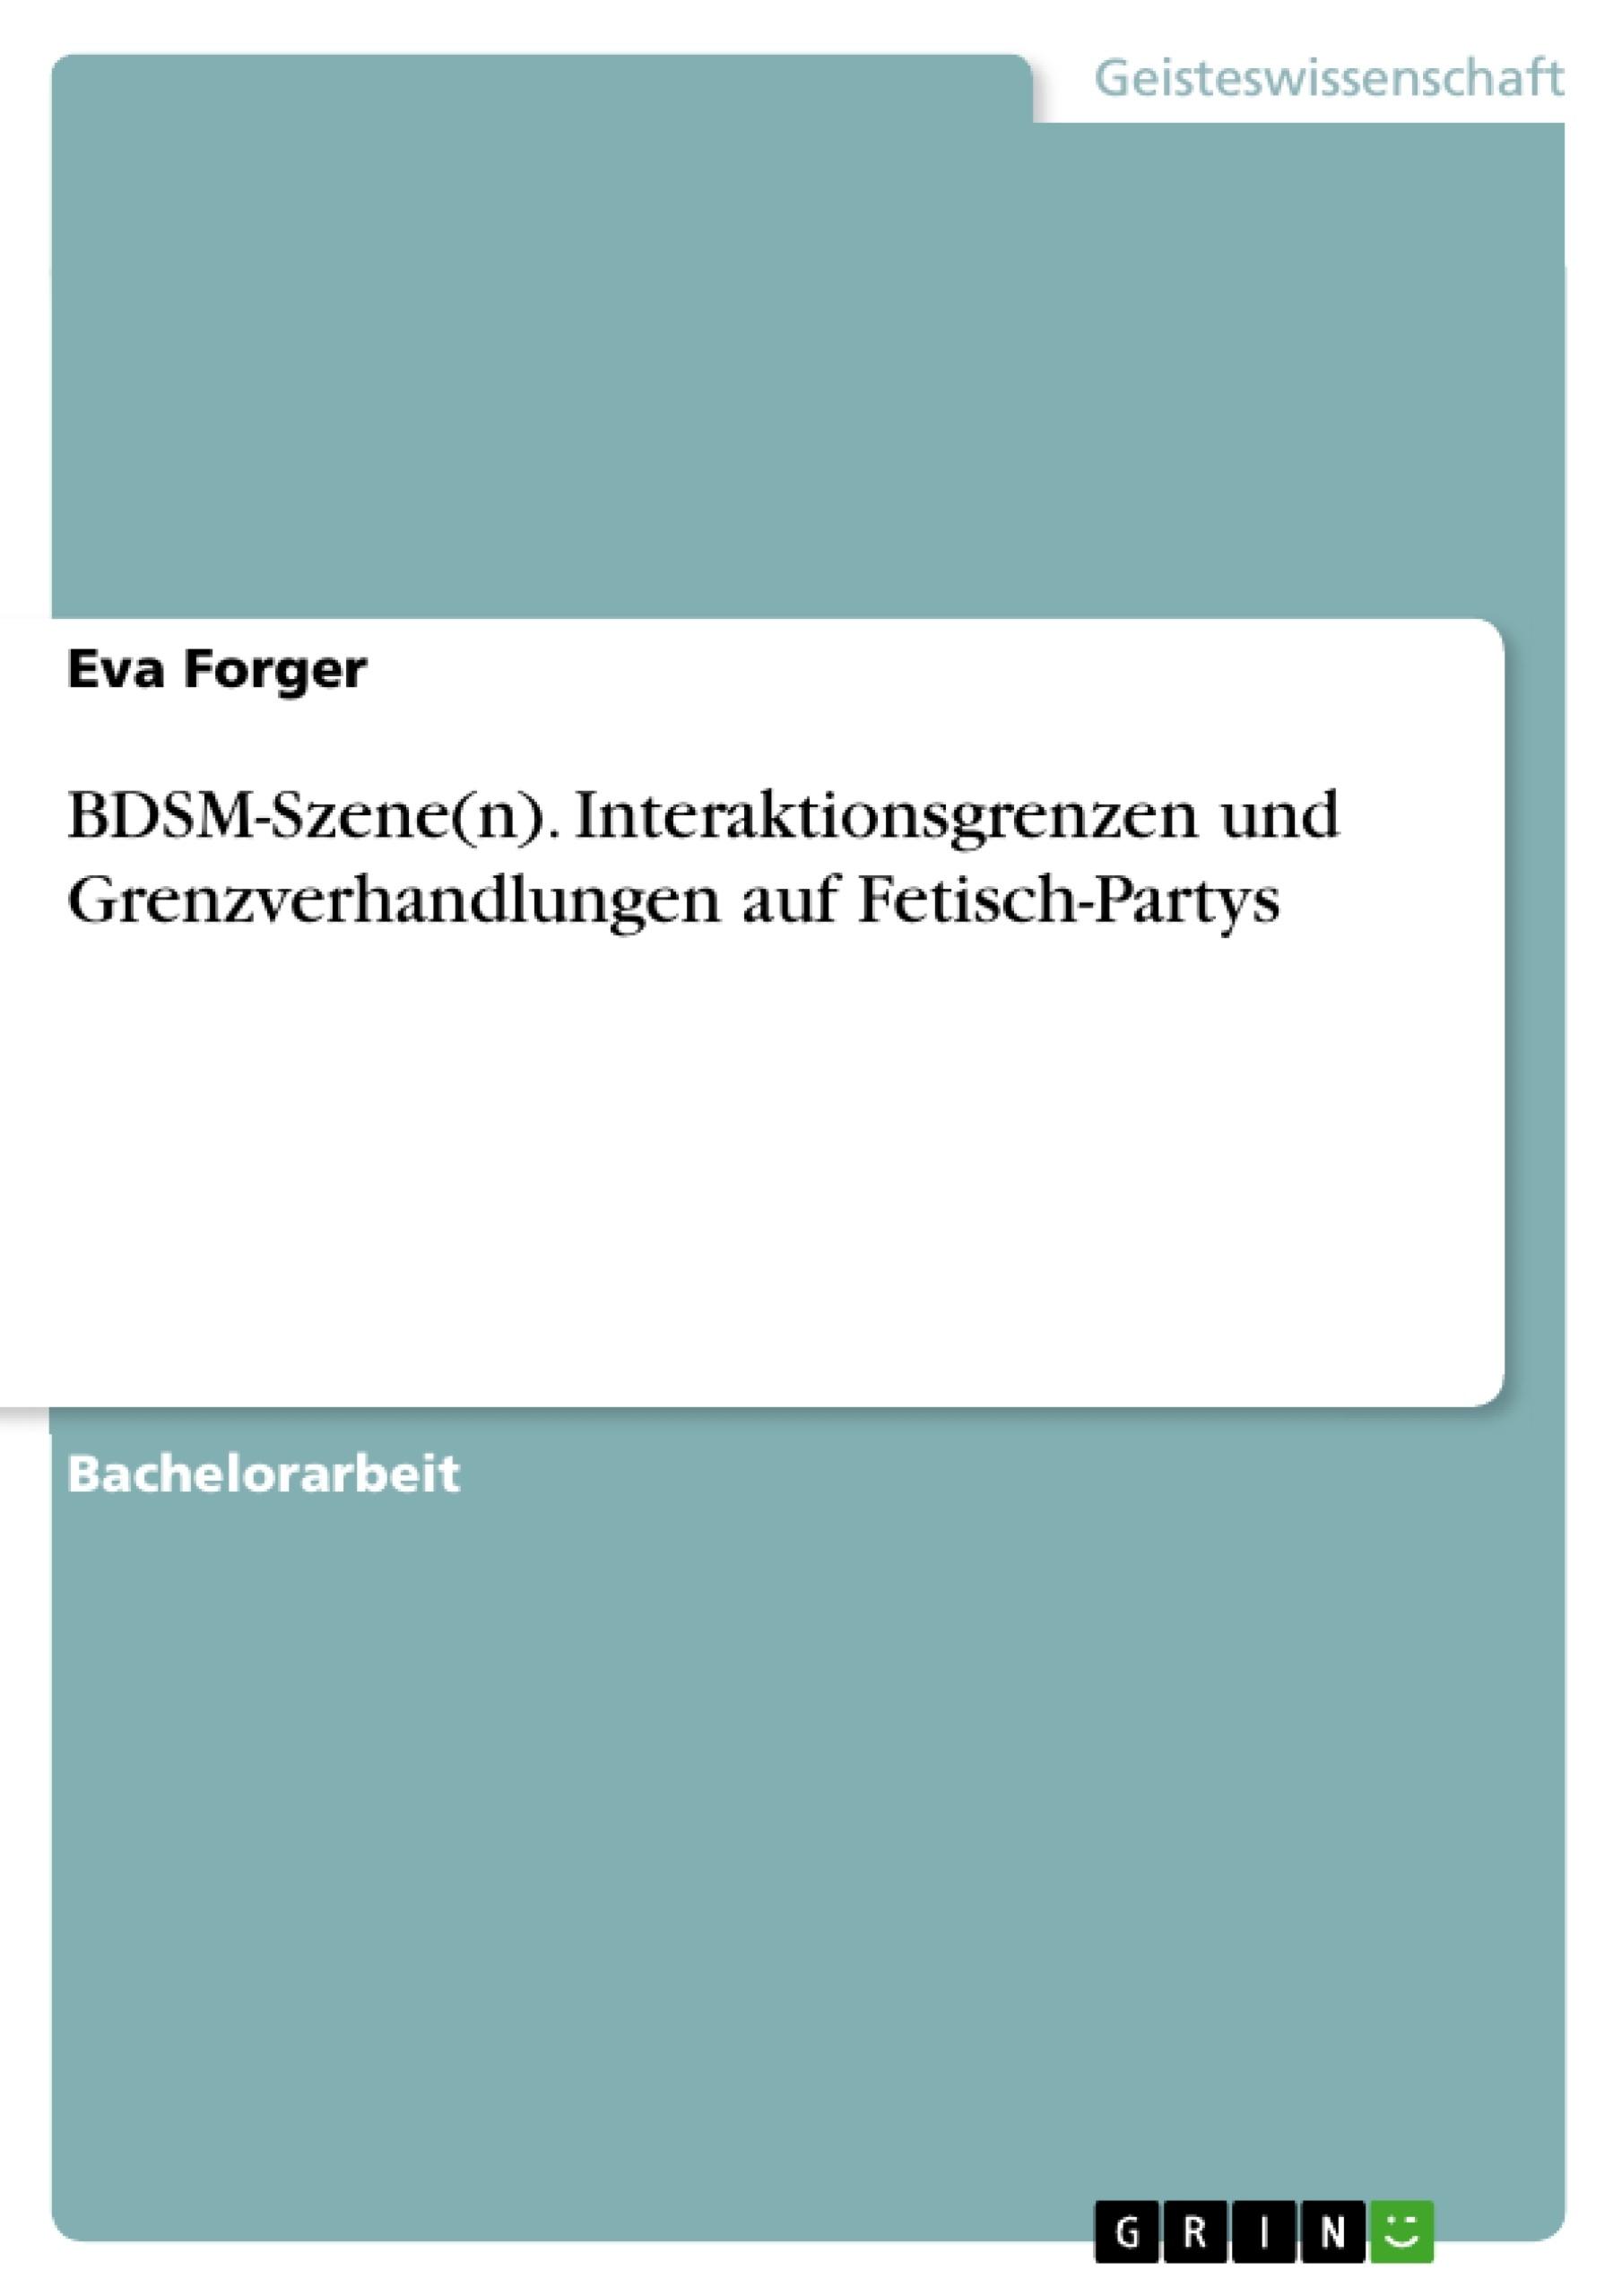 Titel: BDSM-Szene(n).  Interaktionsgrenzen und Grenzverhandlungen auf Fetisch-Partys